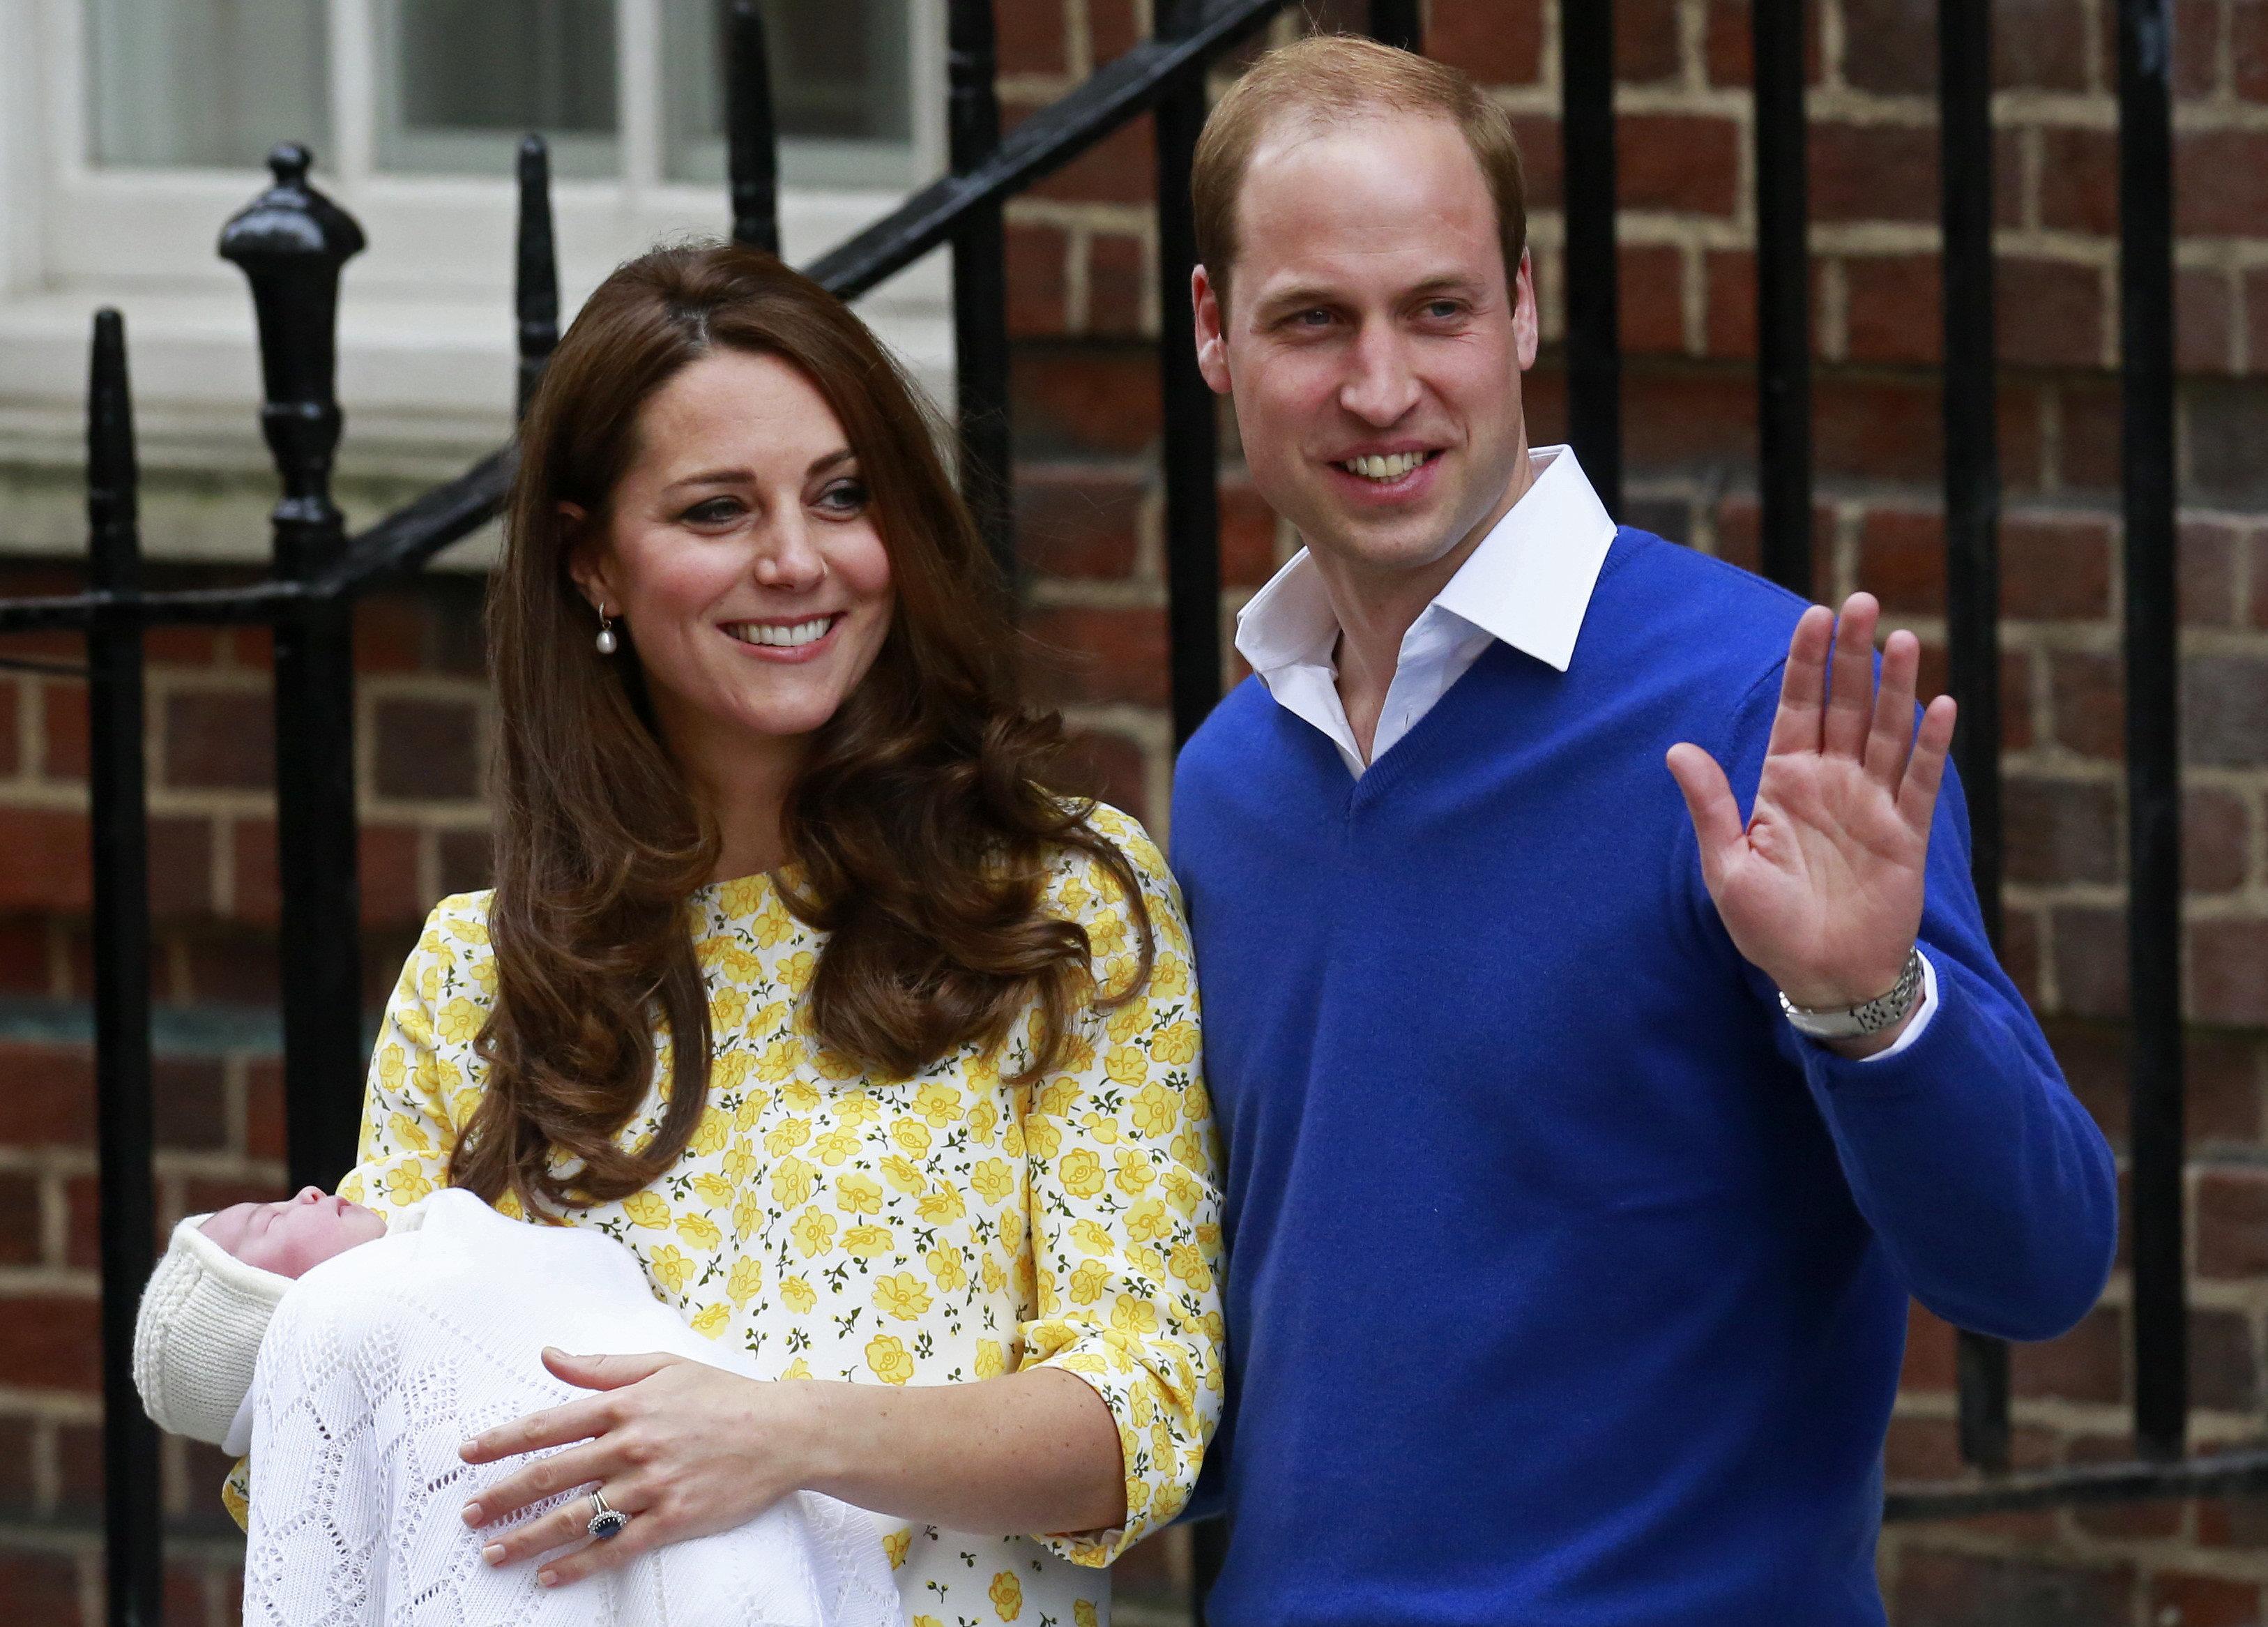 윌리엄과 케이트 미들턴 왕세손 부부가 셋째를 출산했다